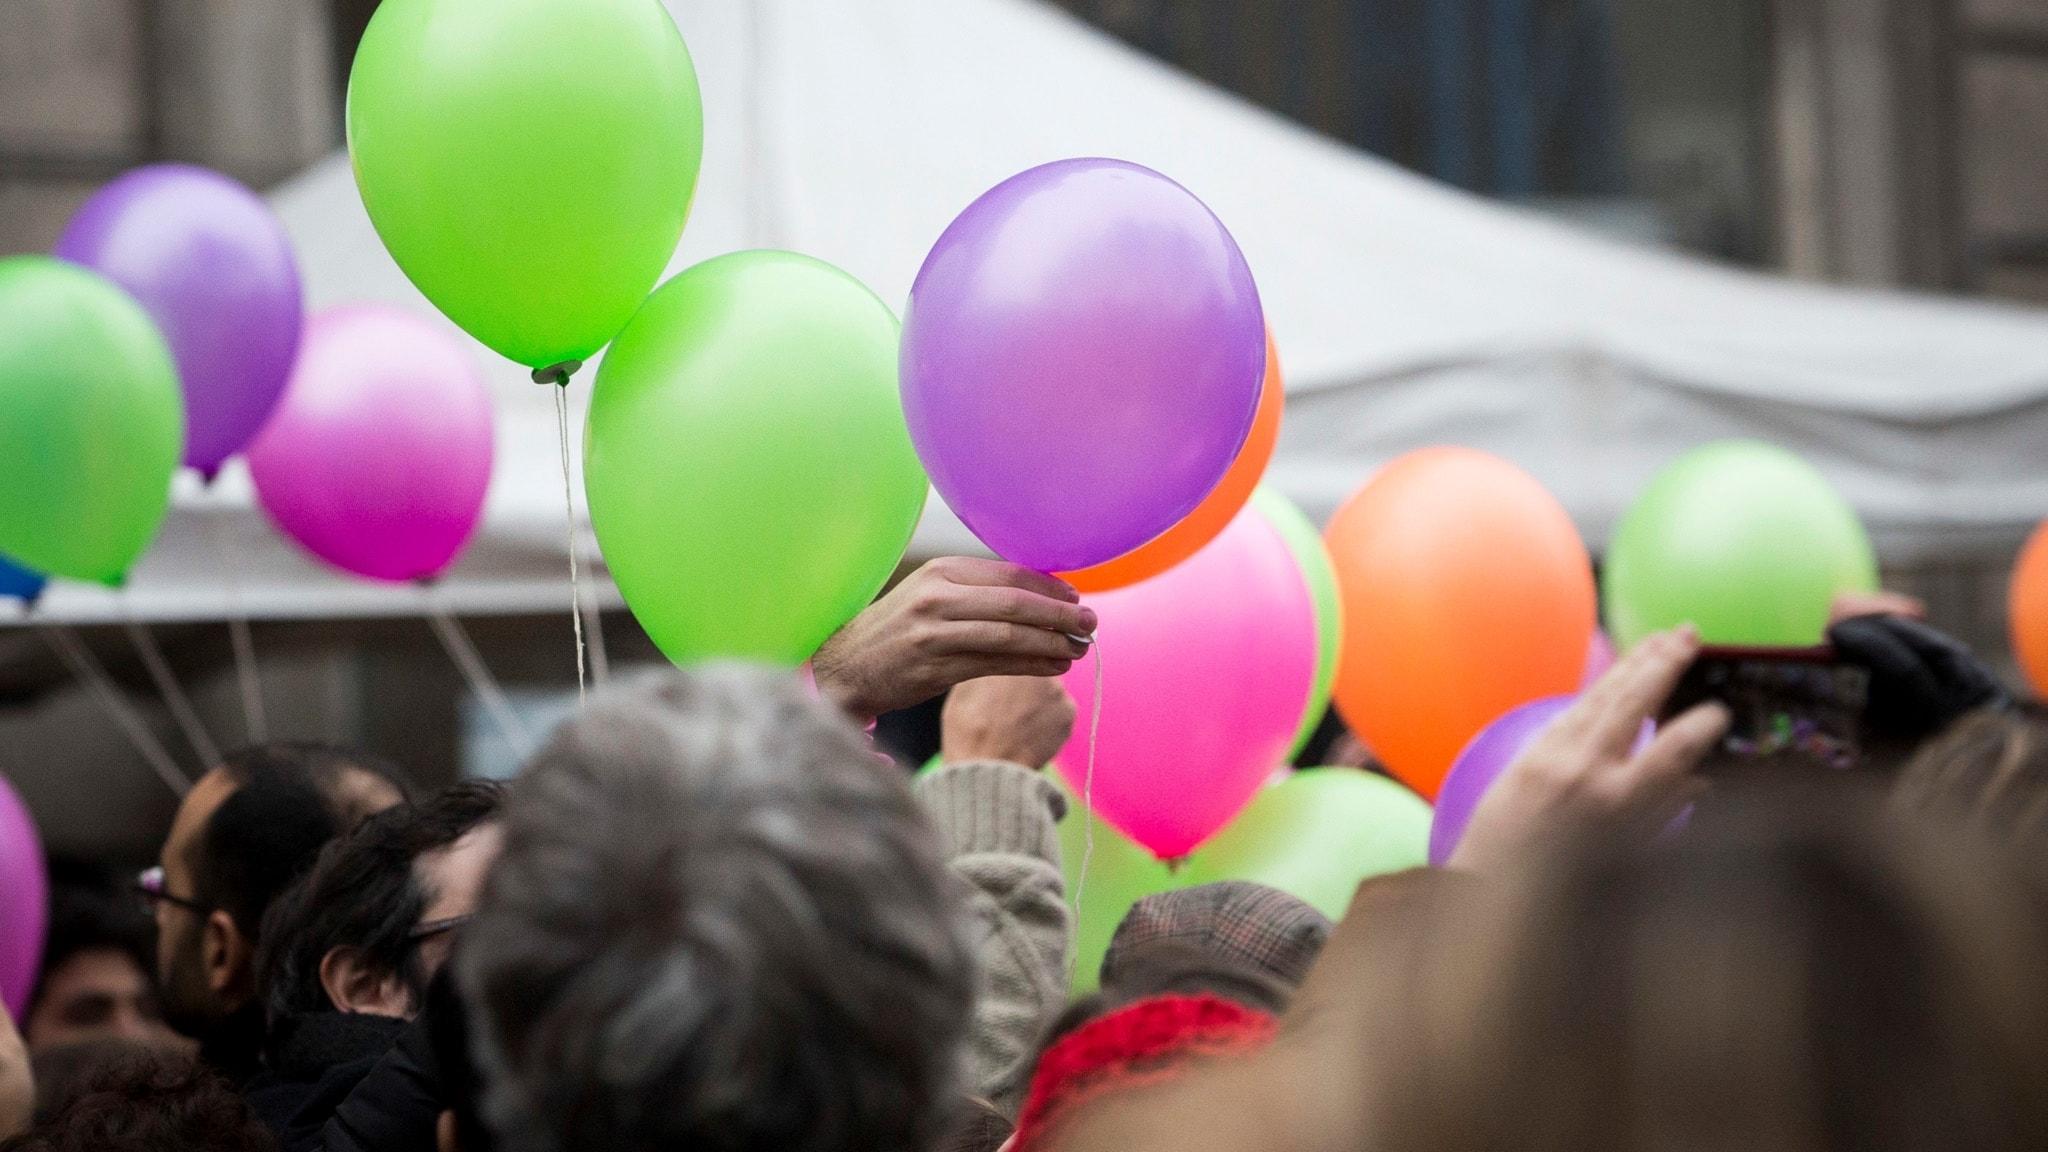 Konkursbedrägerier, nystarter, H&M:s testballonger och fackets metamorfos